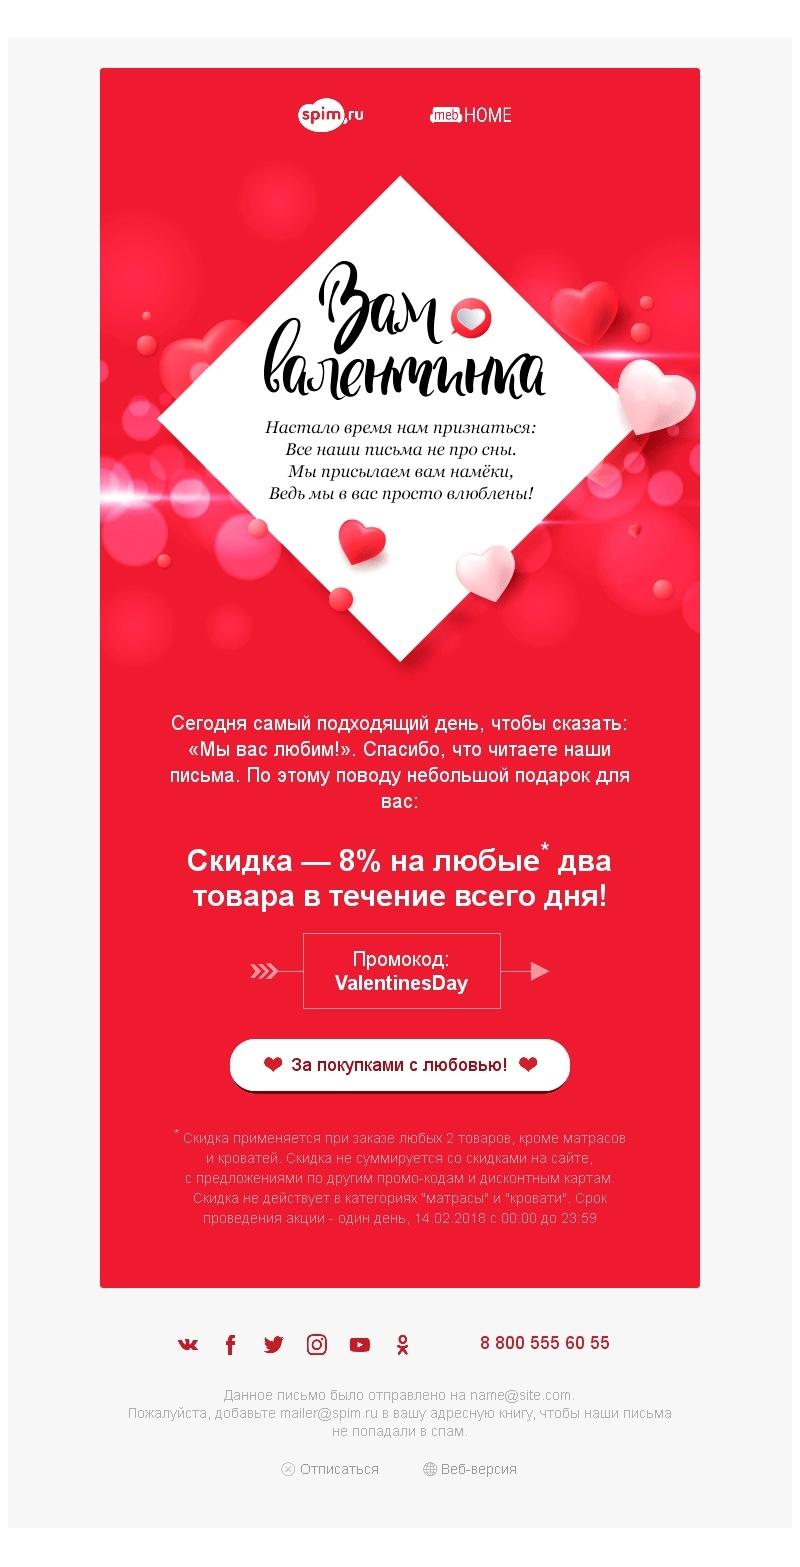 пример рассылки ко Дню святого Валентина от Спим.ру